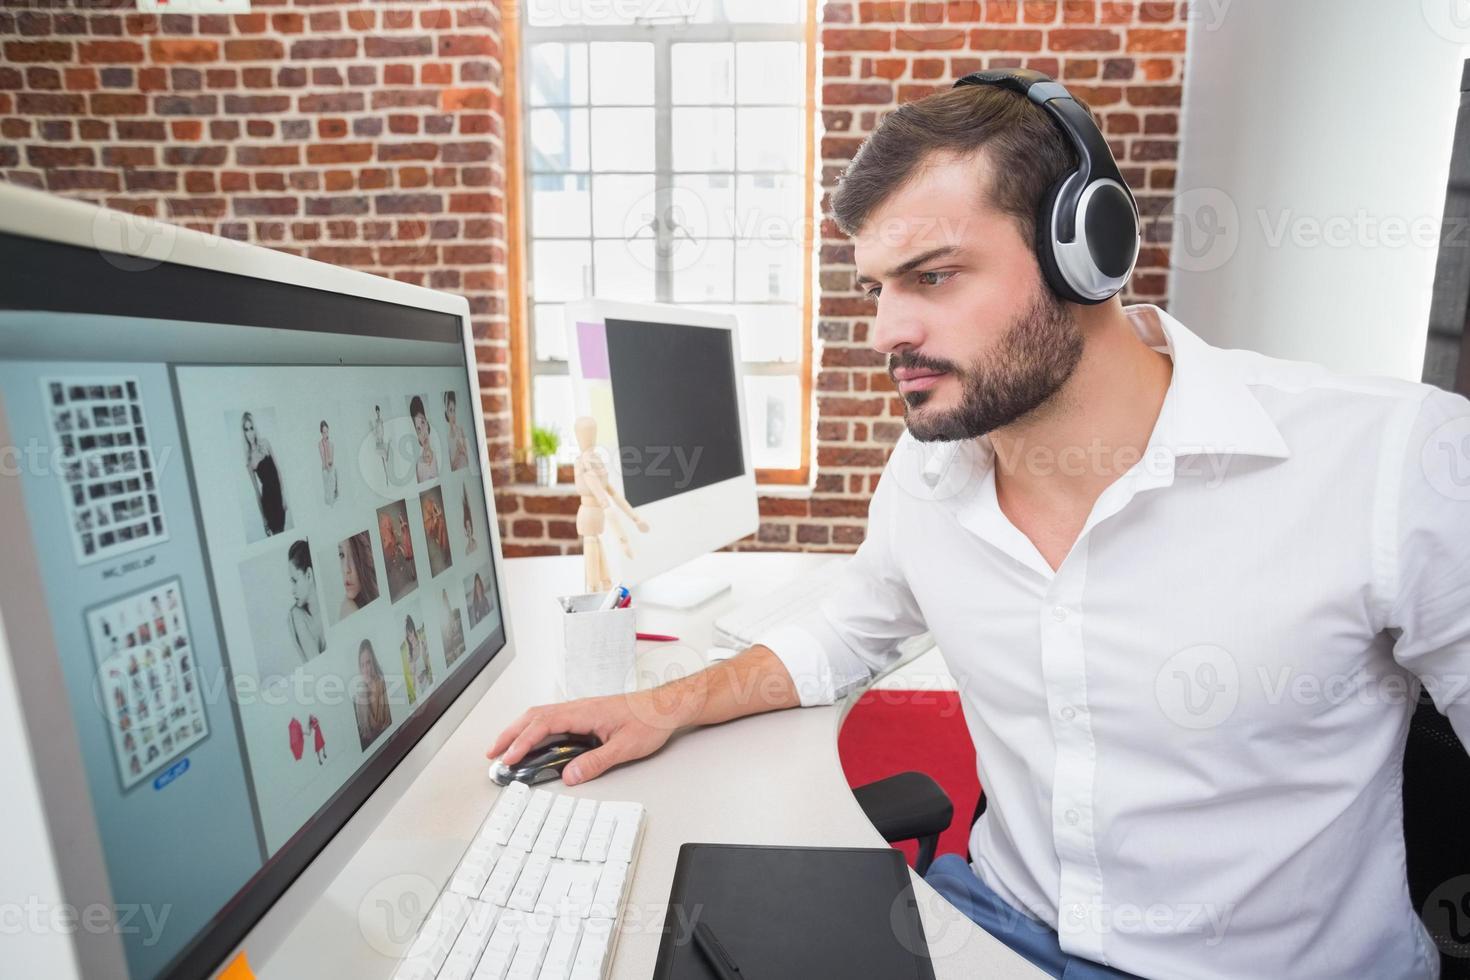 editor de fotos concentrado usando o computador no escritório